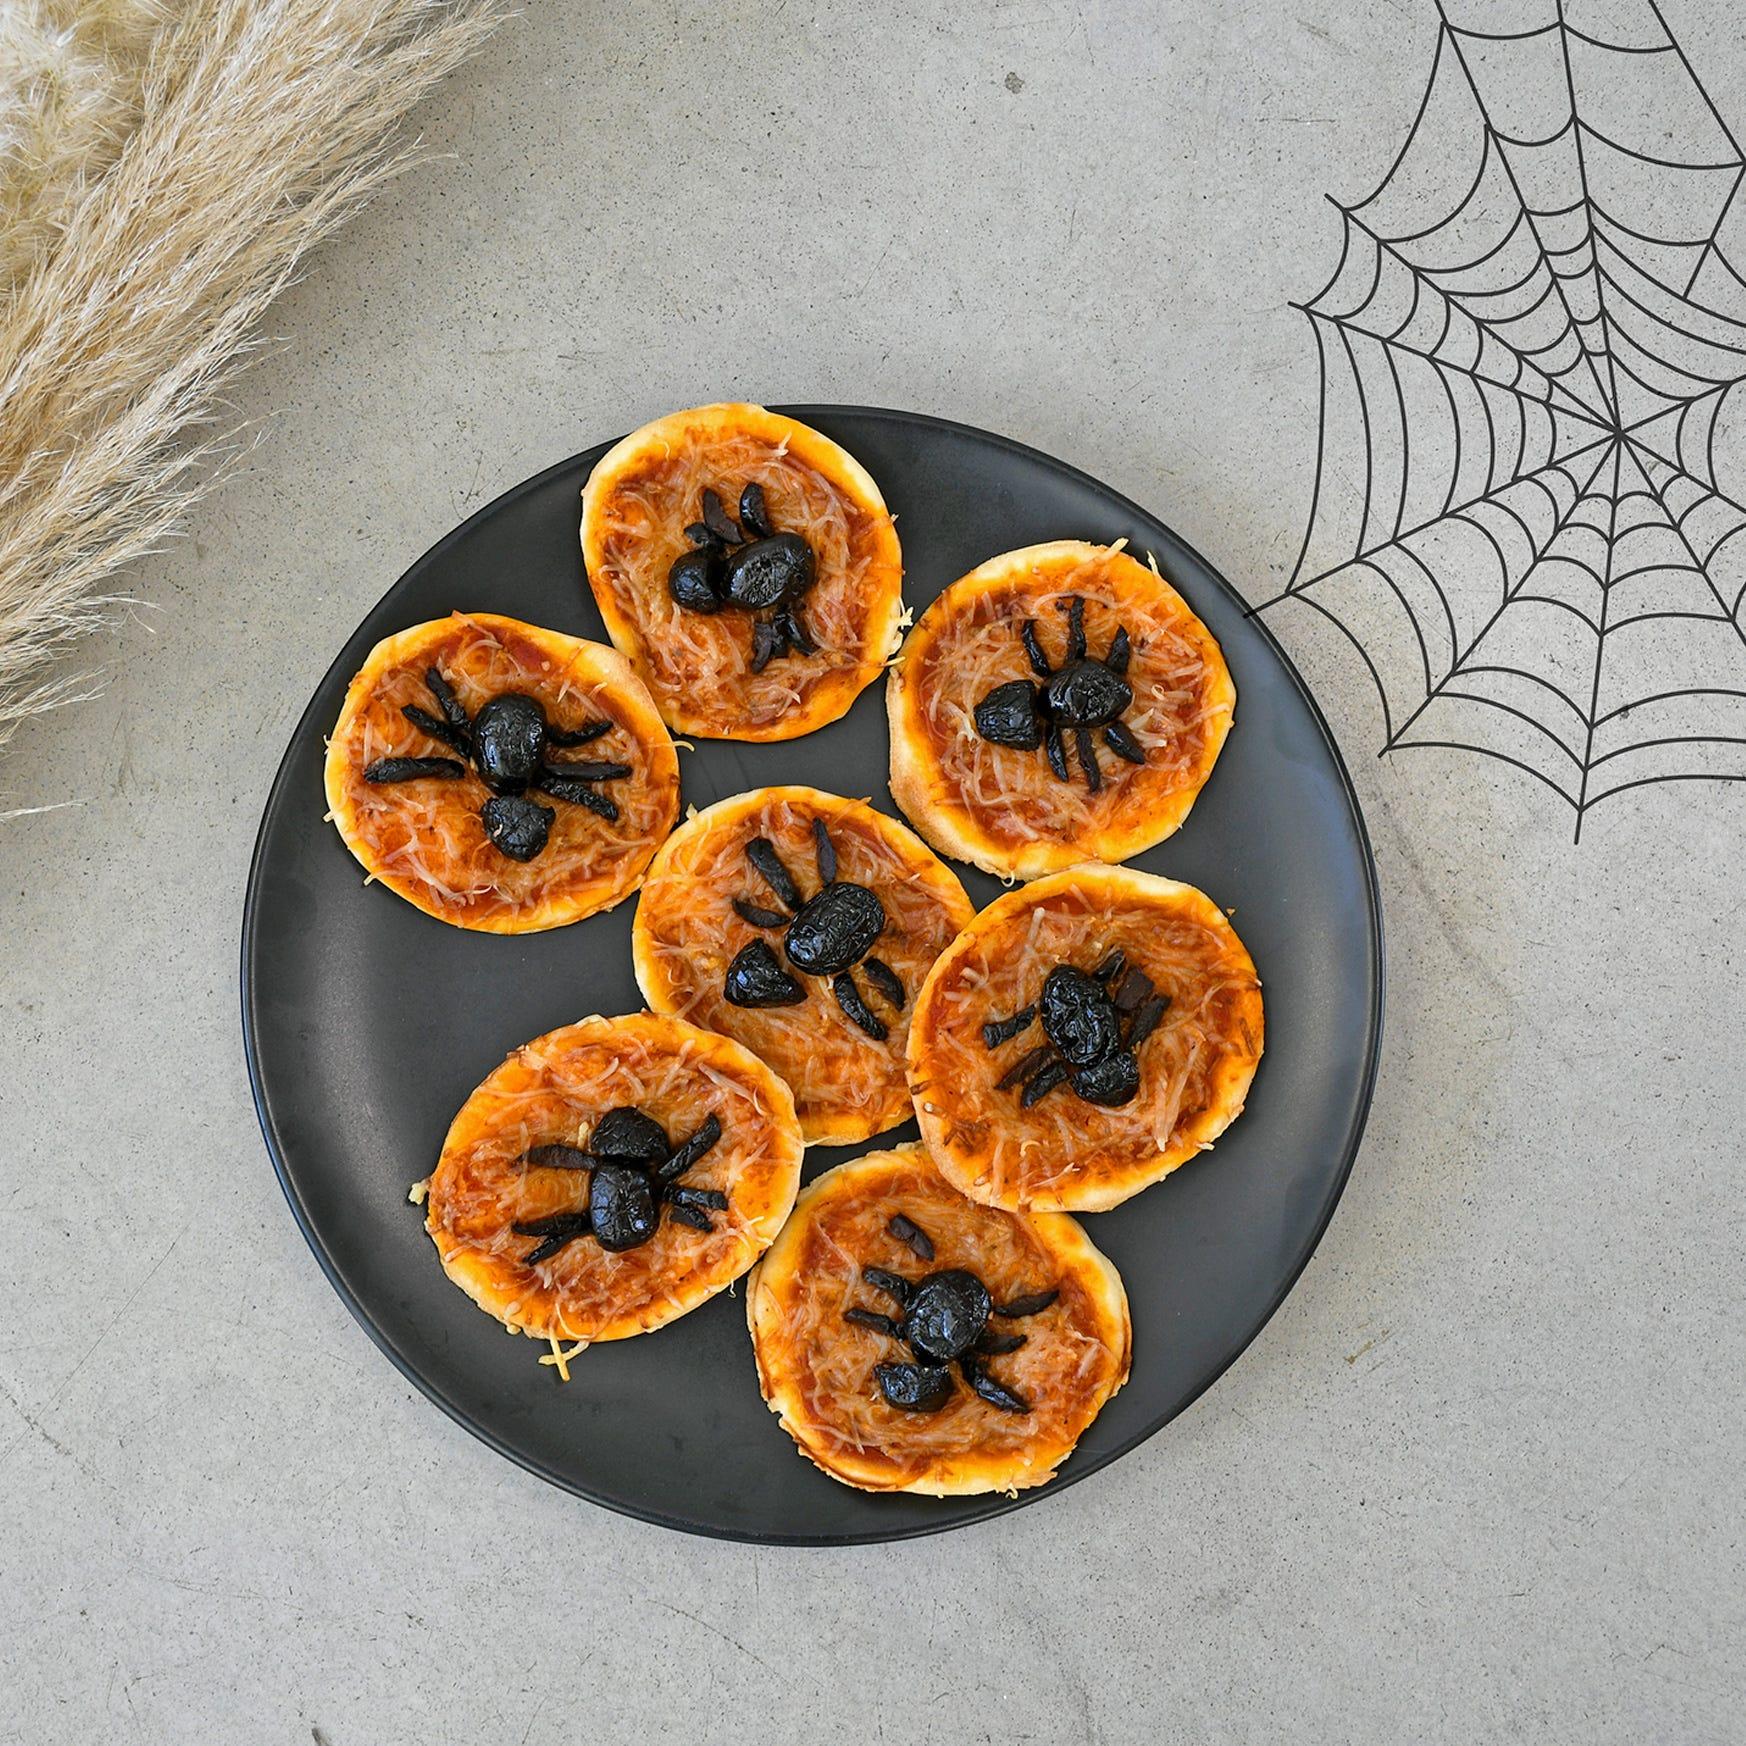 Sorprendete i vostri bambini all'ora dell'aperitivo con queste mini pizze ragno per Halloween!